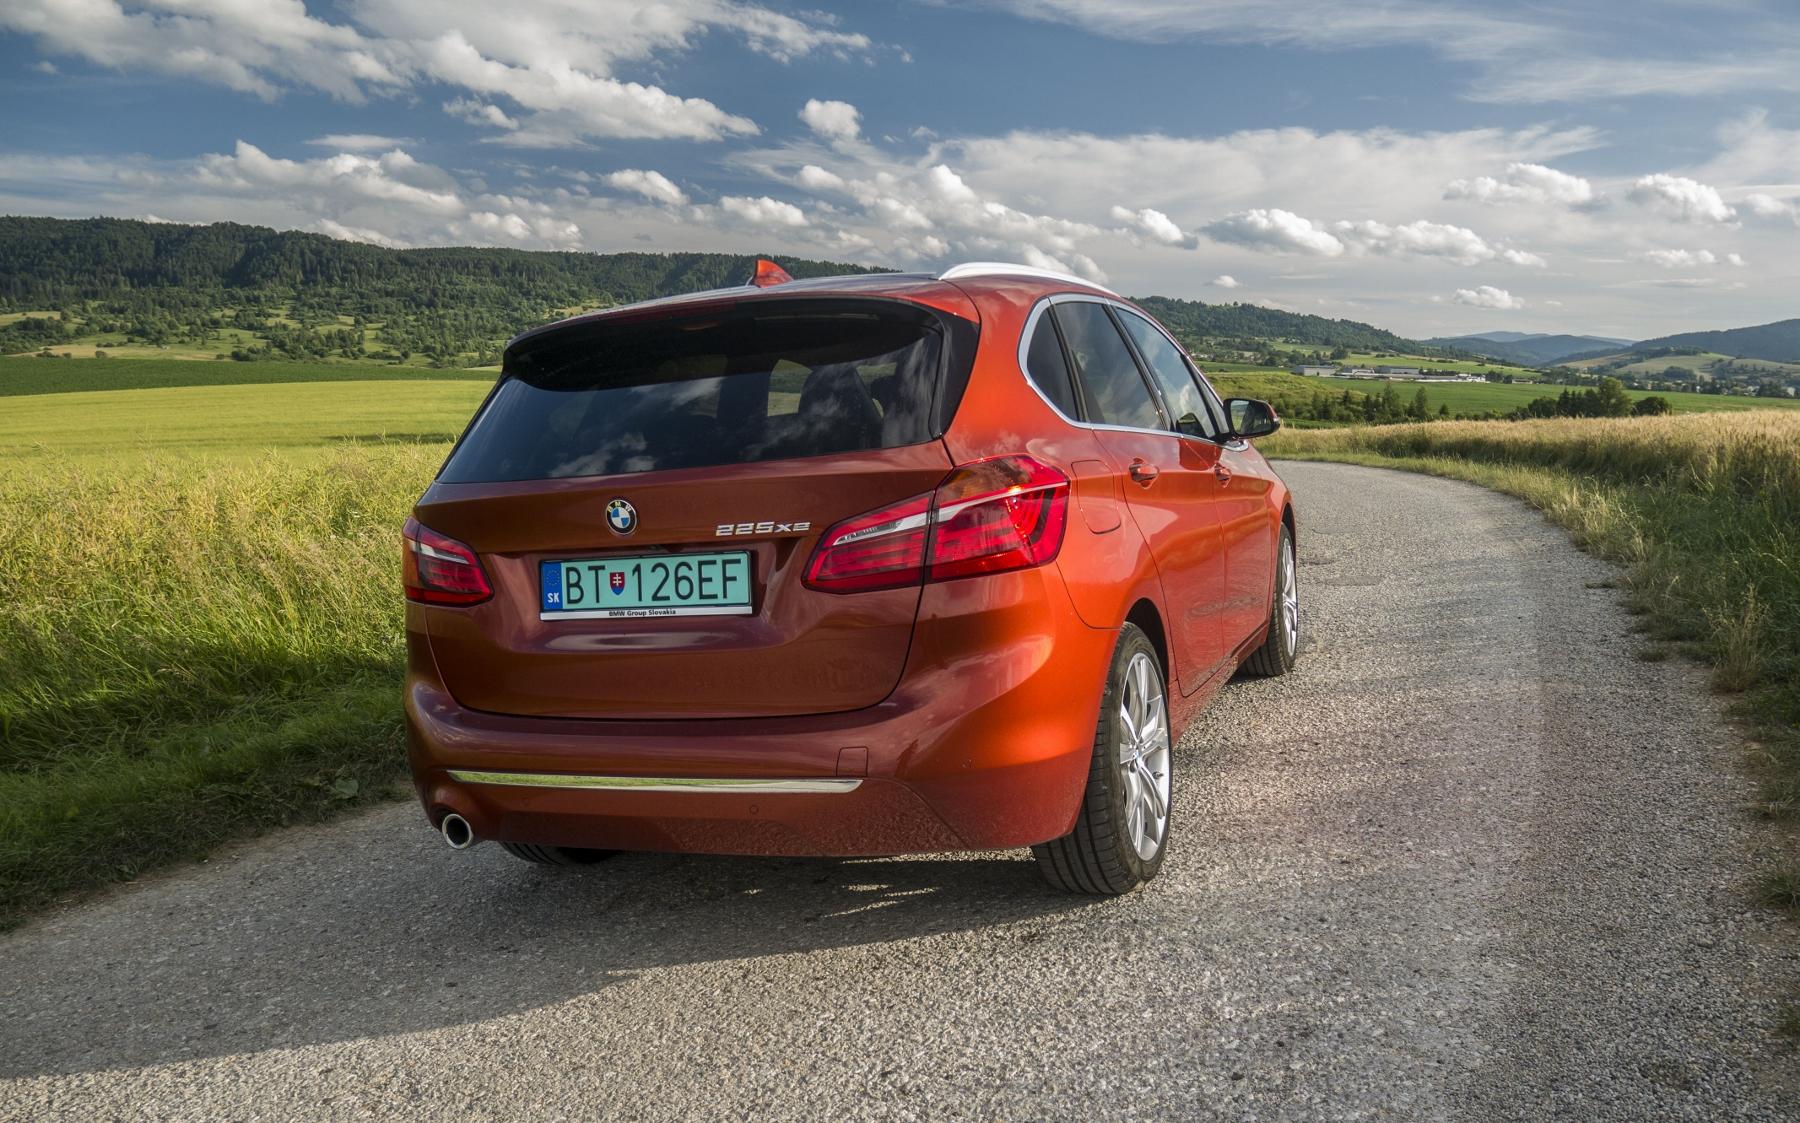 BMW 225 xe (4)